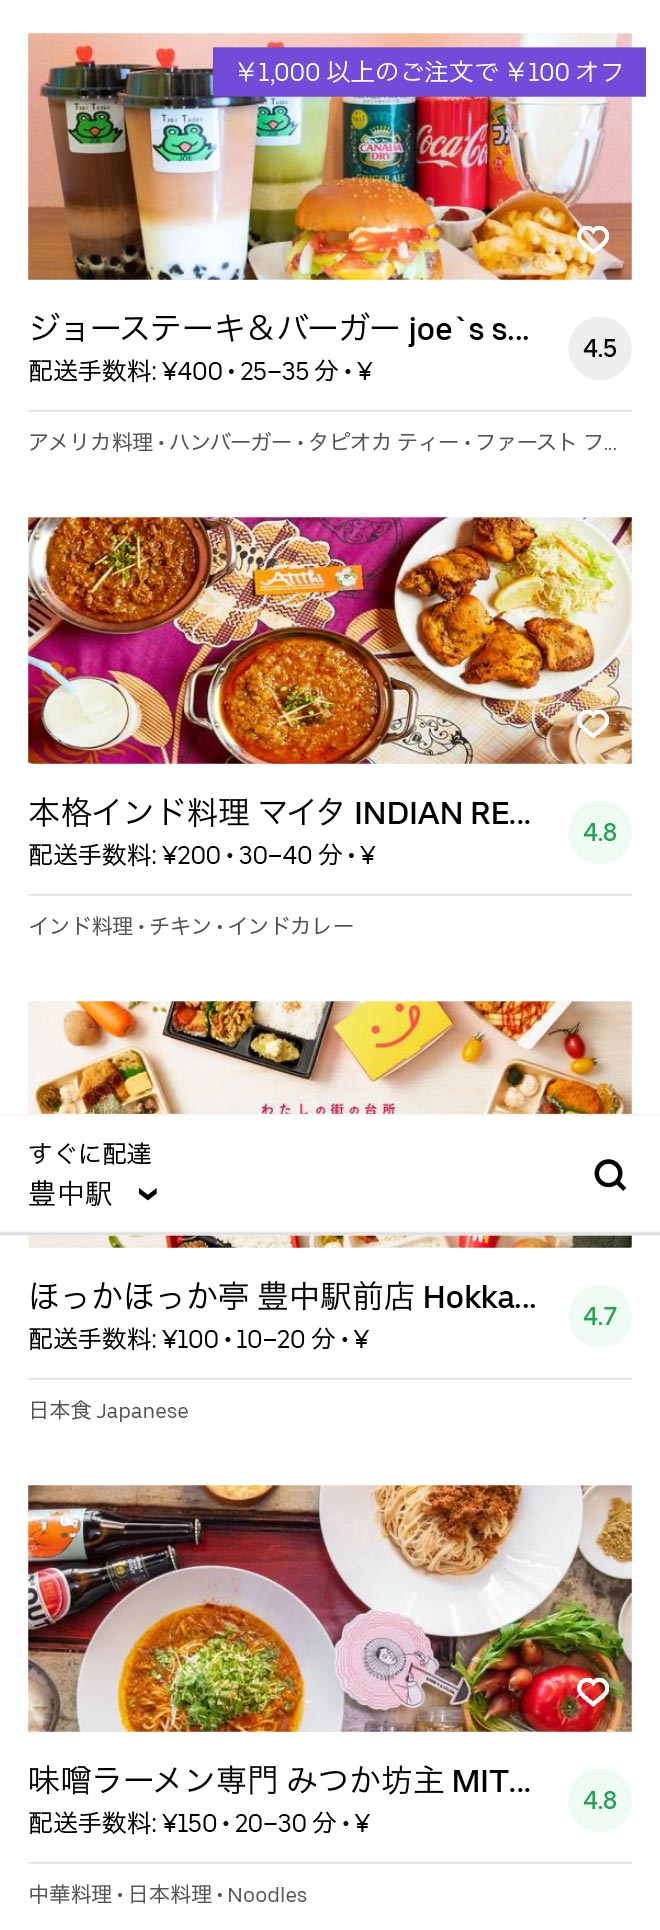 Toyonaka menu 2005 03